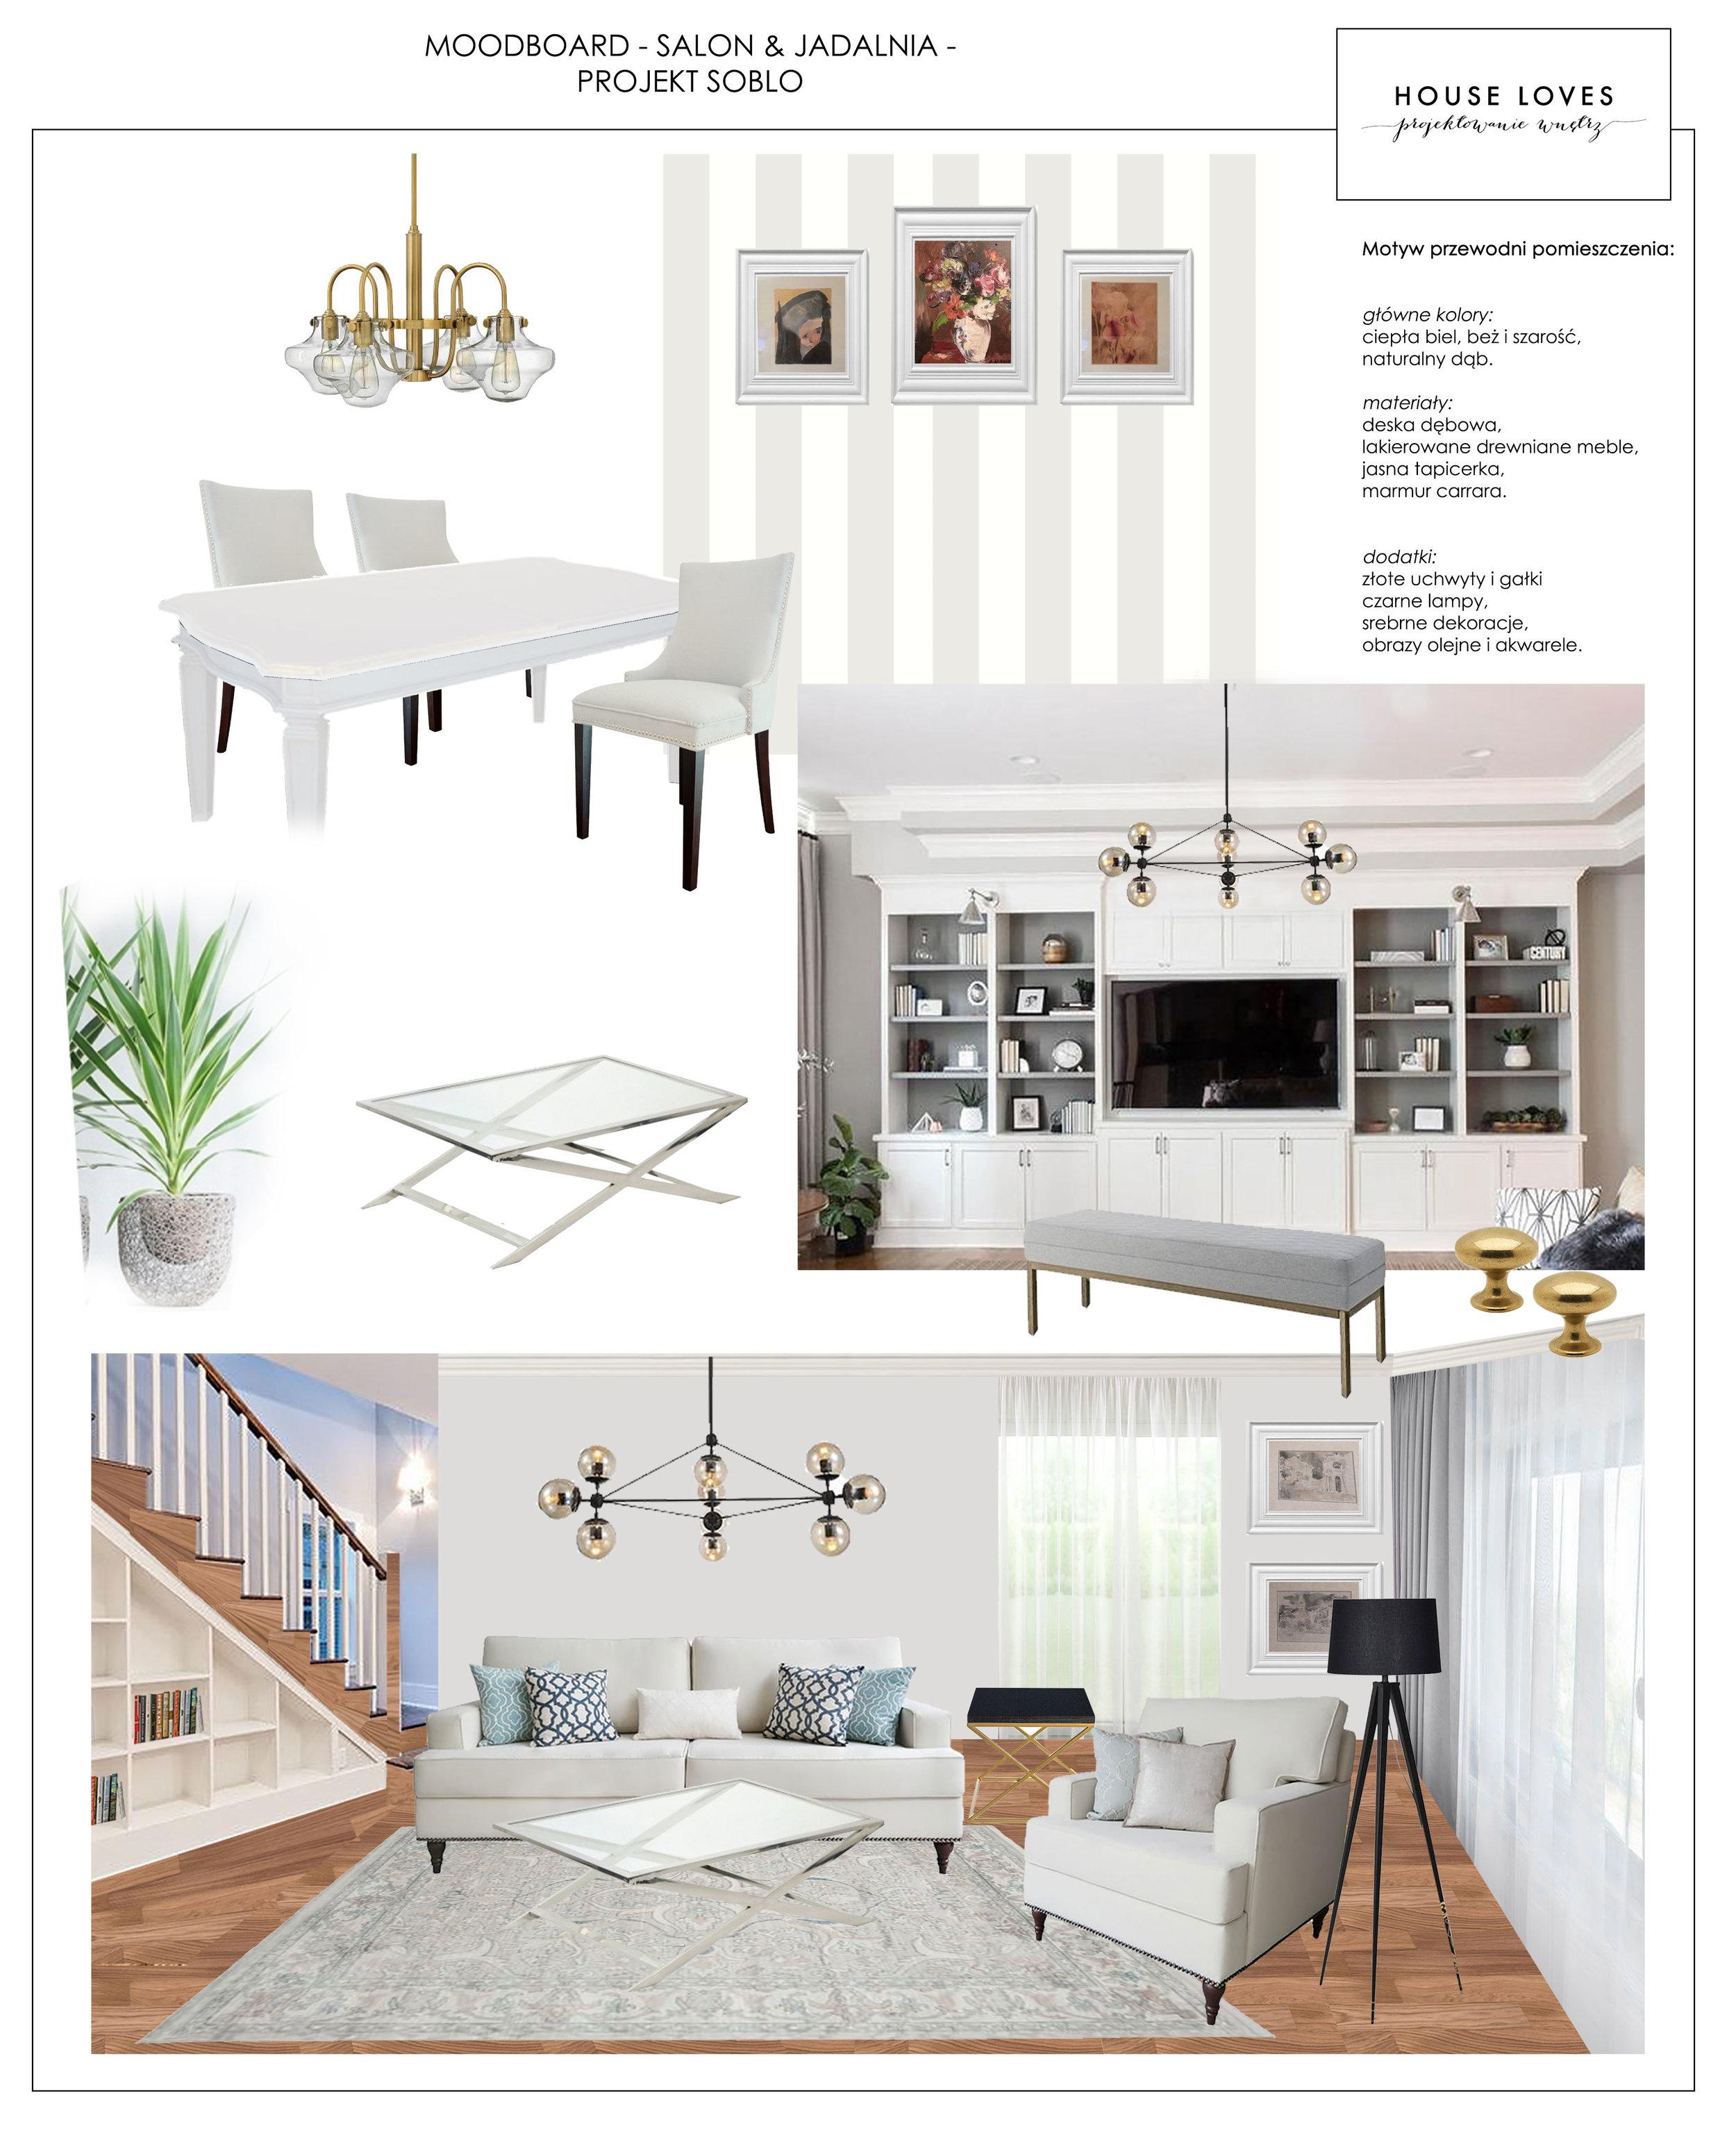 Salon W Stylu Nowojorskim Klasycznym Projekt Soblo House